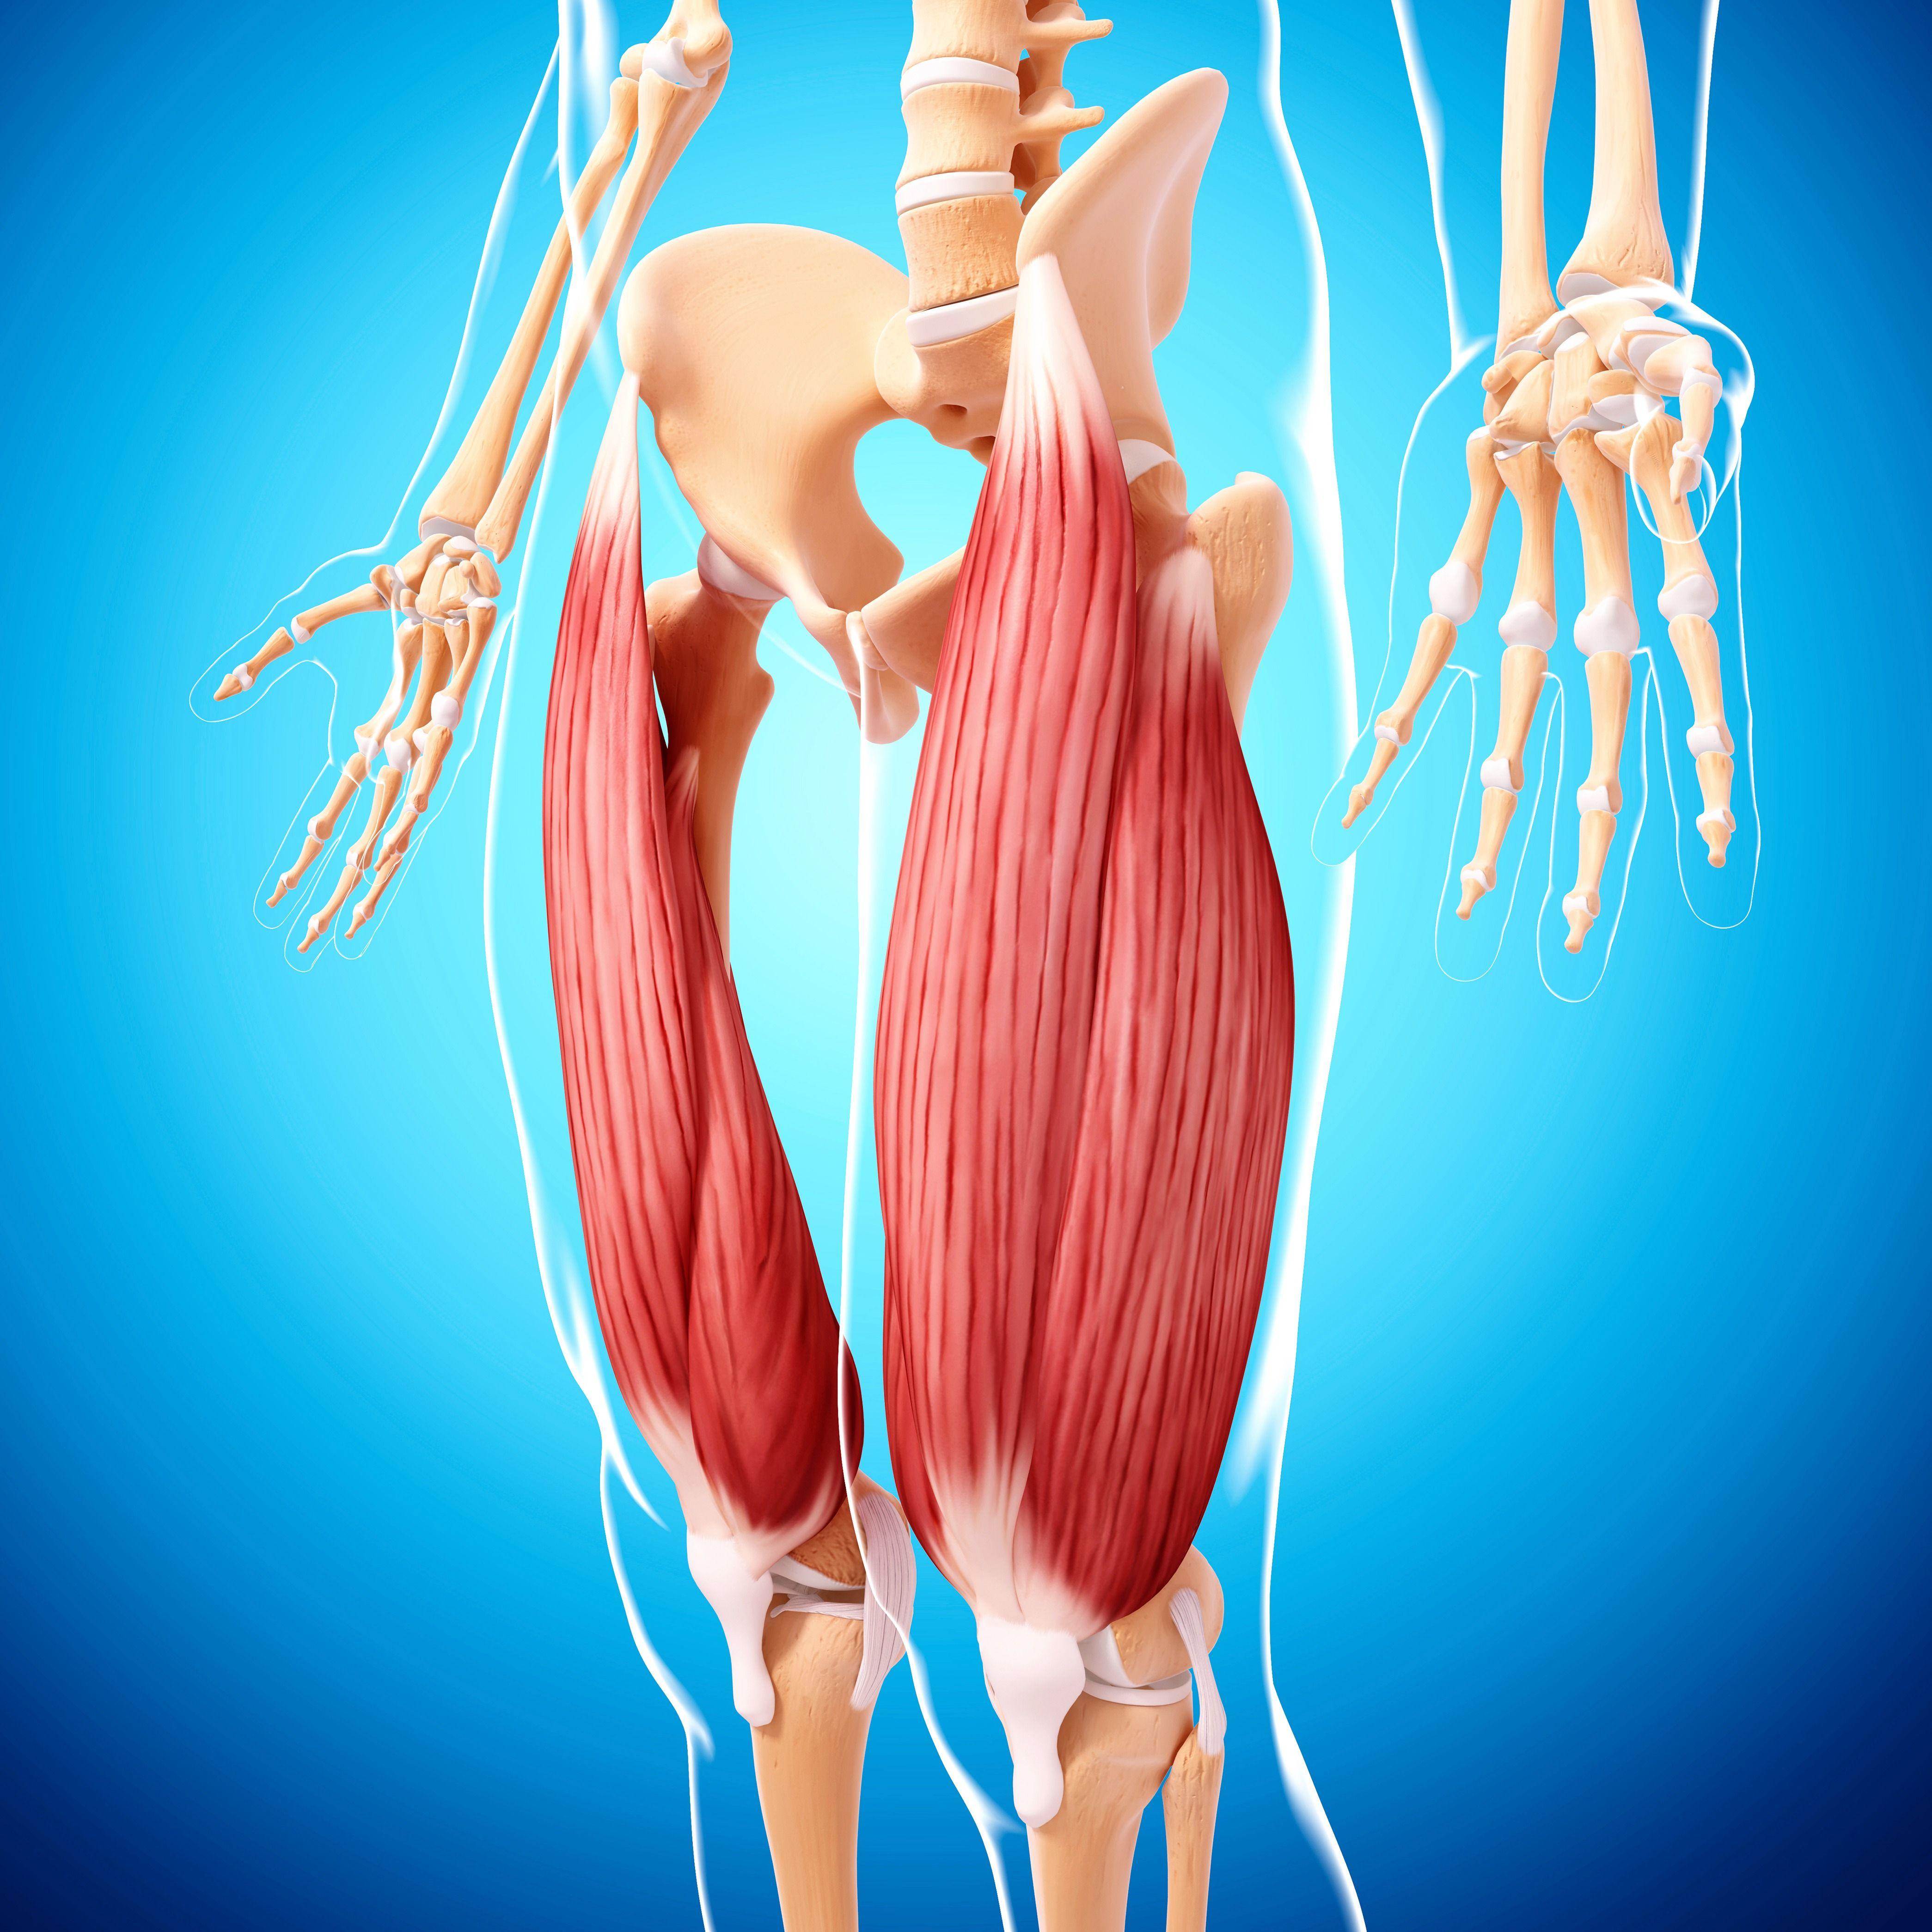 Musculatura de la pierna humana, equipo de ilustraciones.